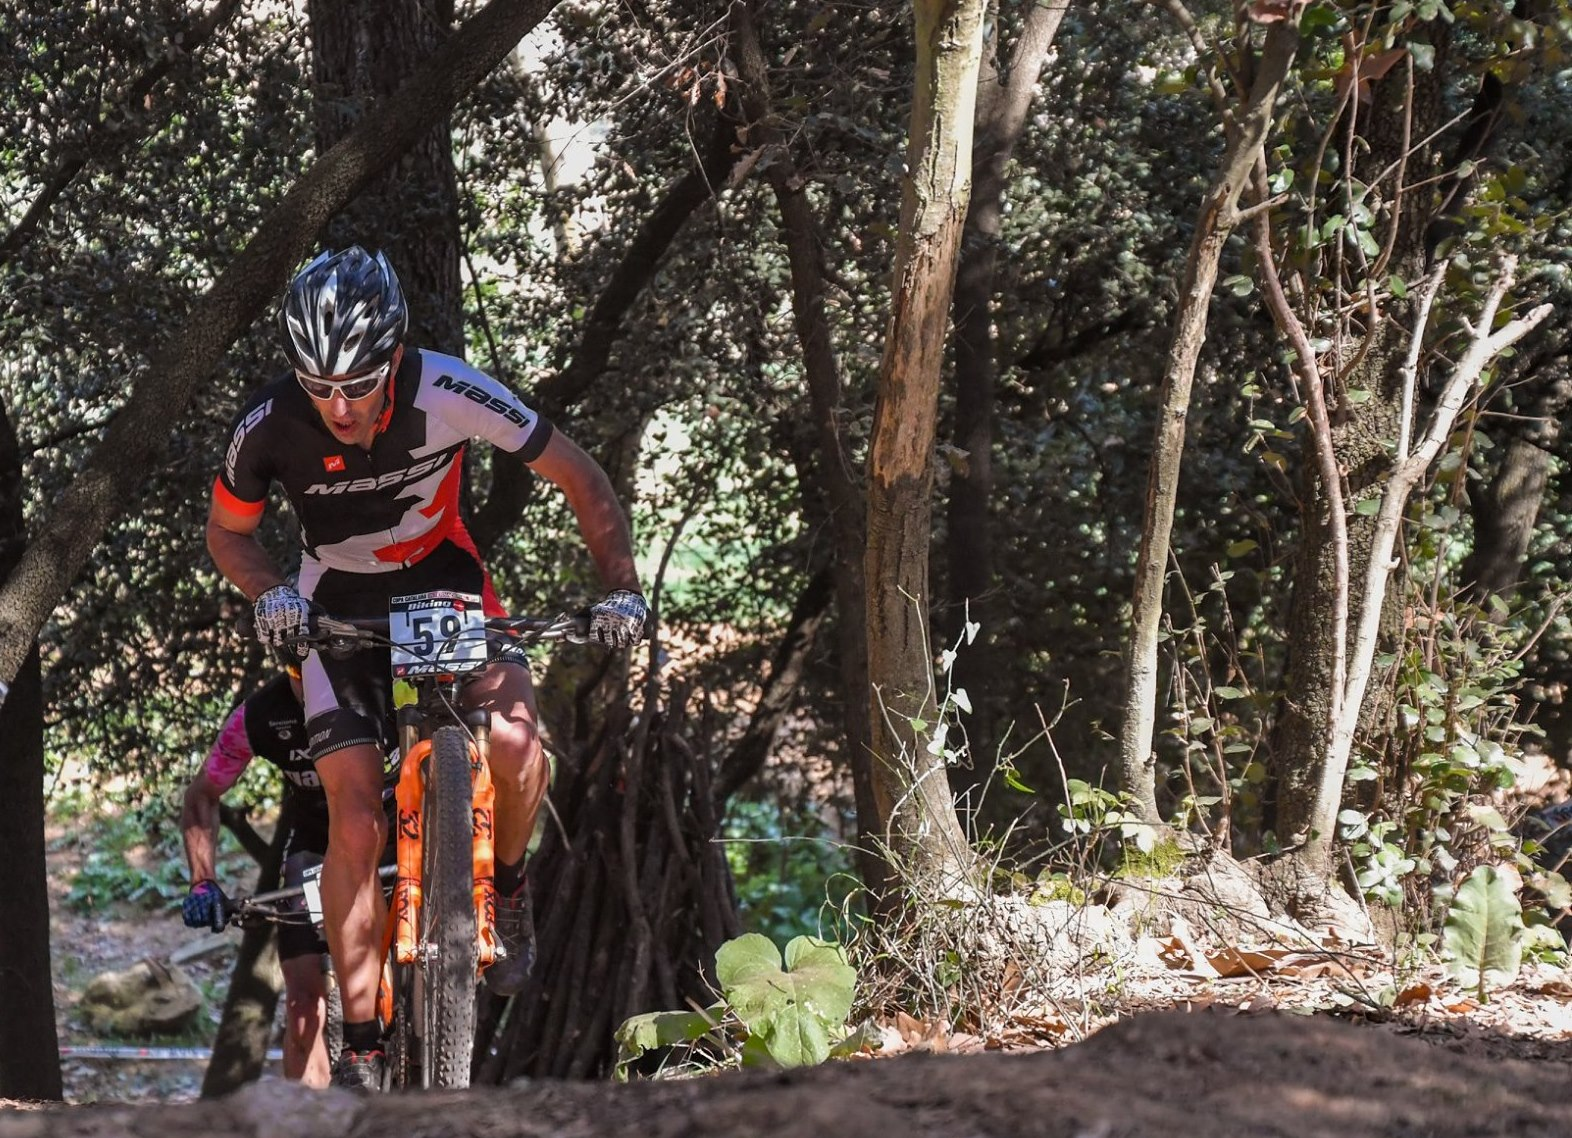 La Copa Catalana Internacional Biking Point 2019 cerrar� por todo lo alto en Igualada, el 22 de septiembre